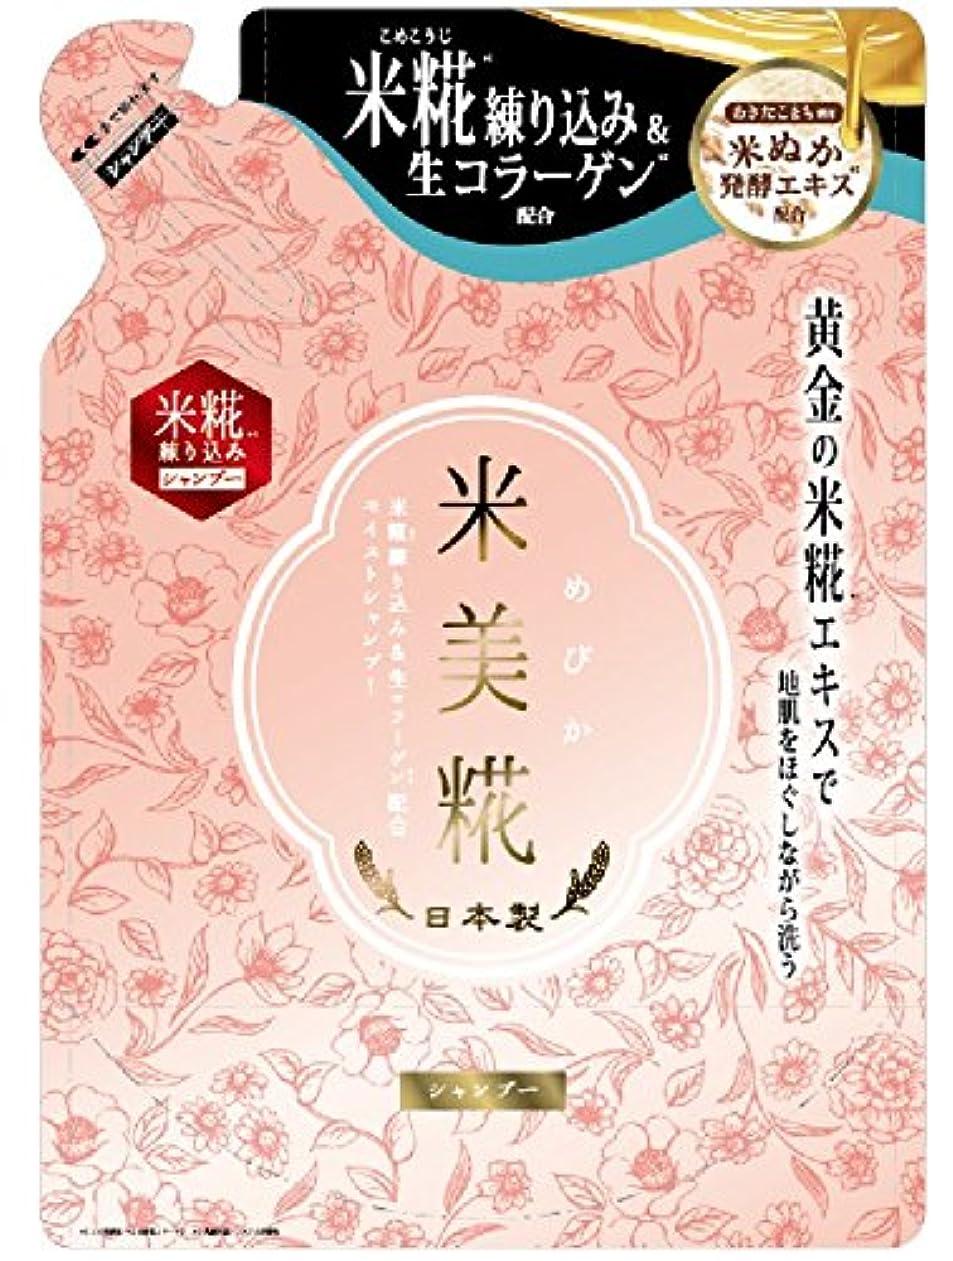 キャンプ標準苦味米美糀 モイストシャンプー(替) 420ml